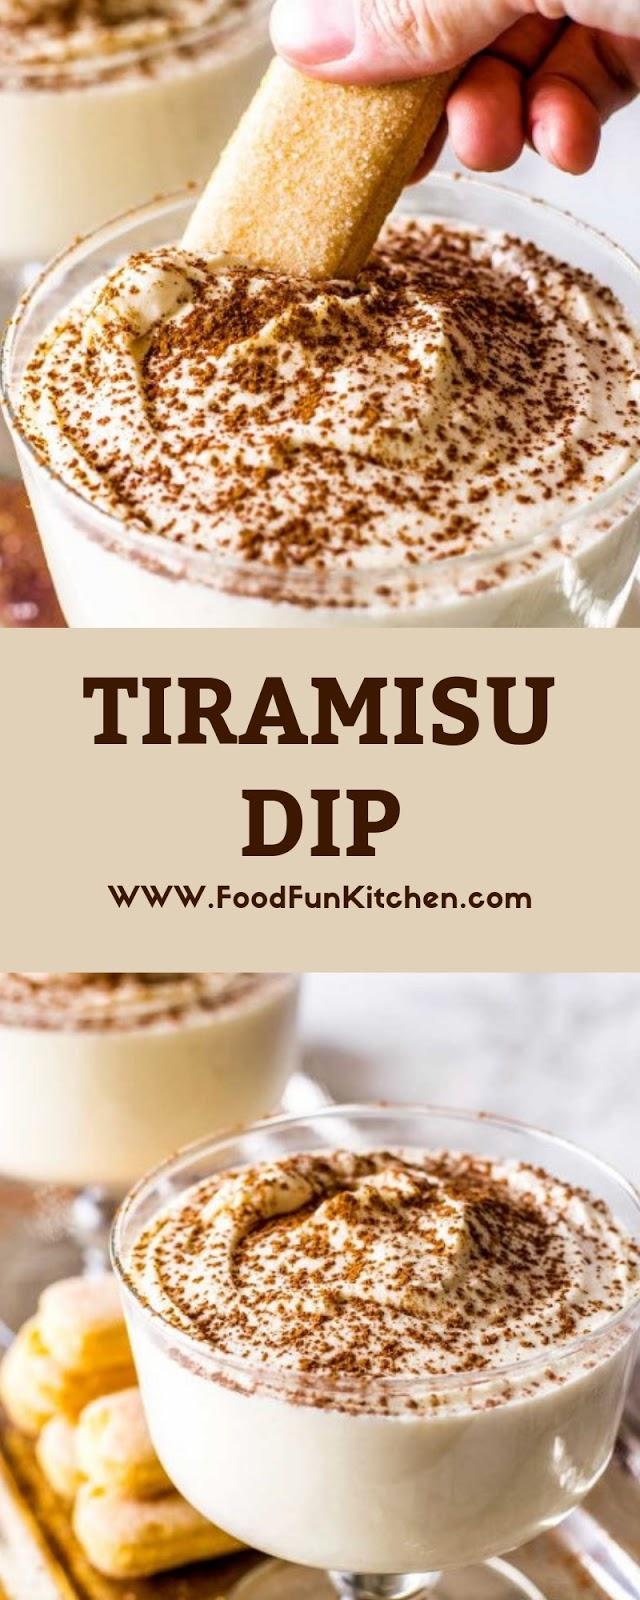 TIRAMISU DIP